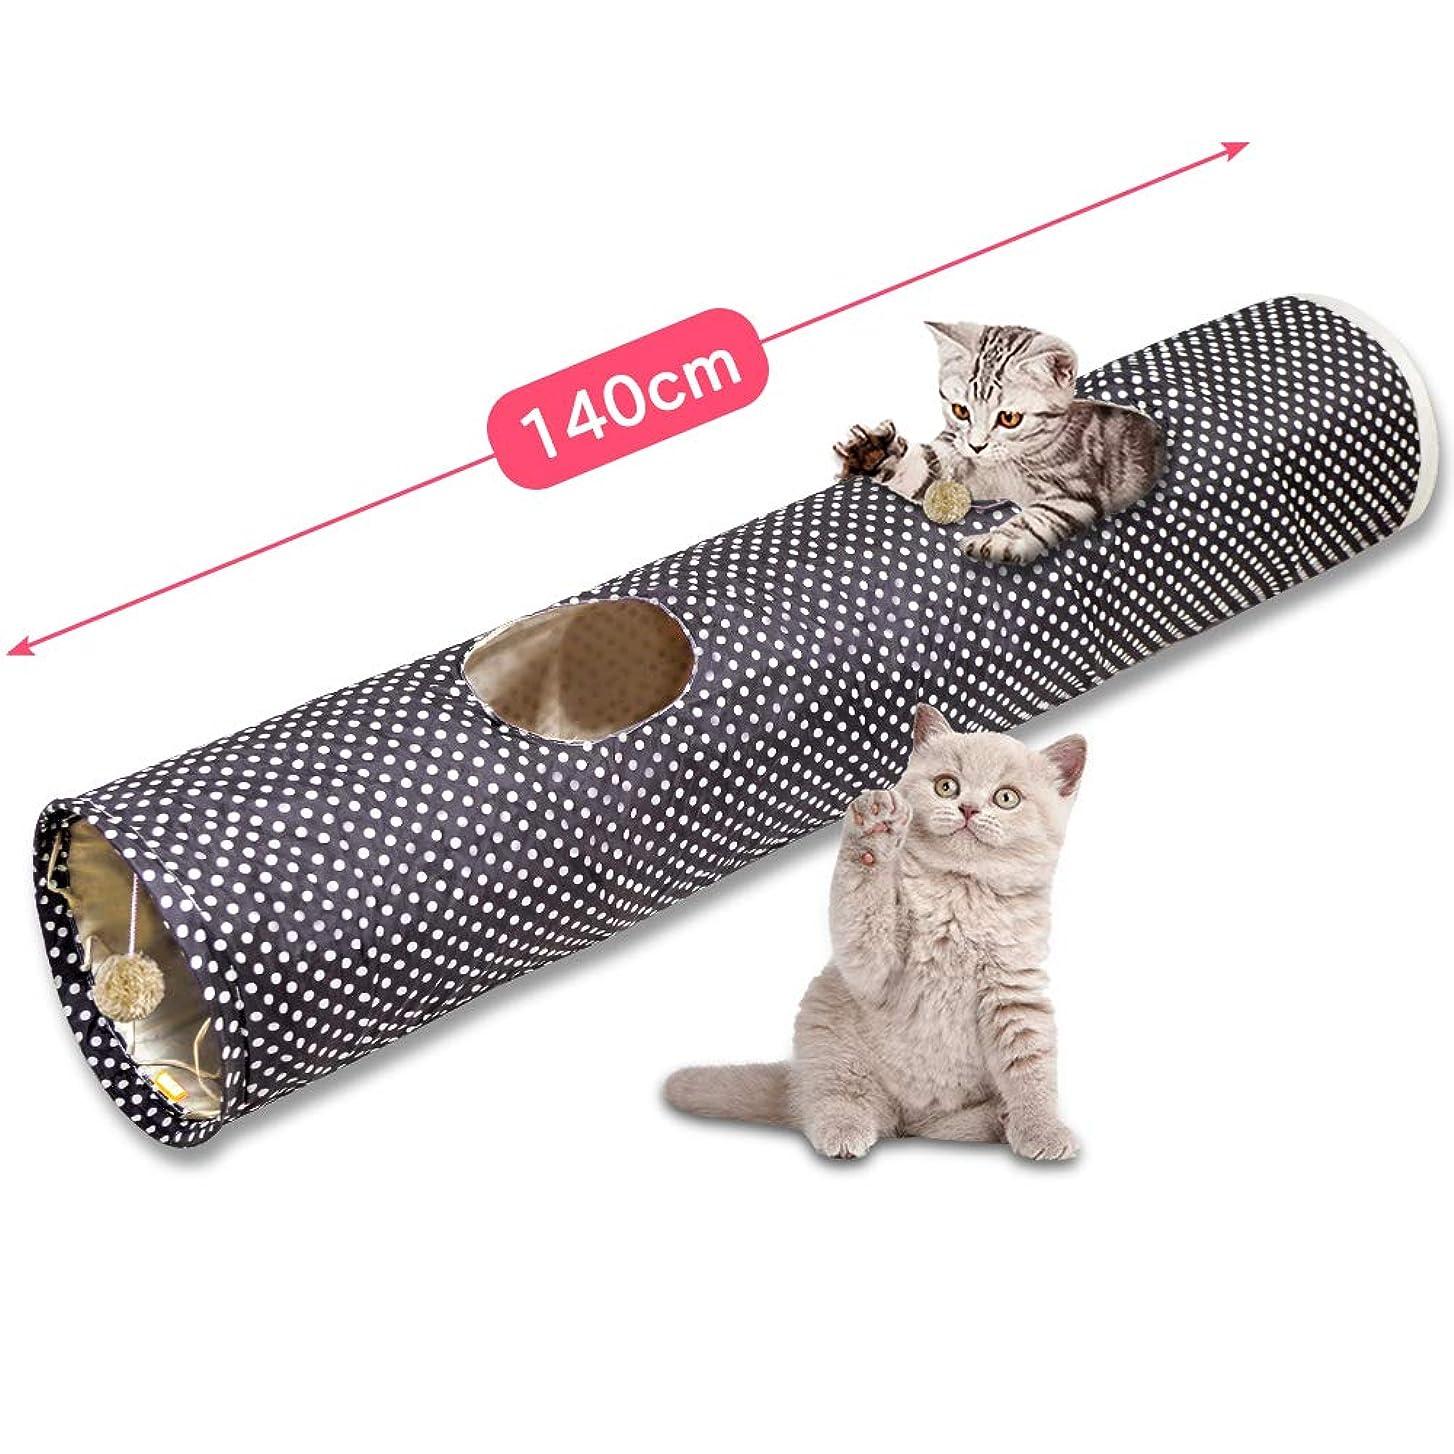 落ちたシエスタまでNosii 猫ハウスドーム型 猫ベッド テント キャットベッド ベッドハウス 夏用 室内用 猫寝袋 マット付き 折り畳み式 軽量 防水 小屋 かわいい (ピンク)